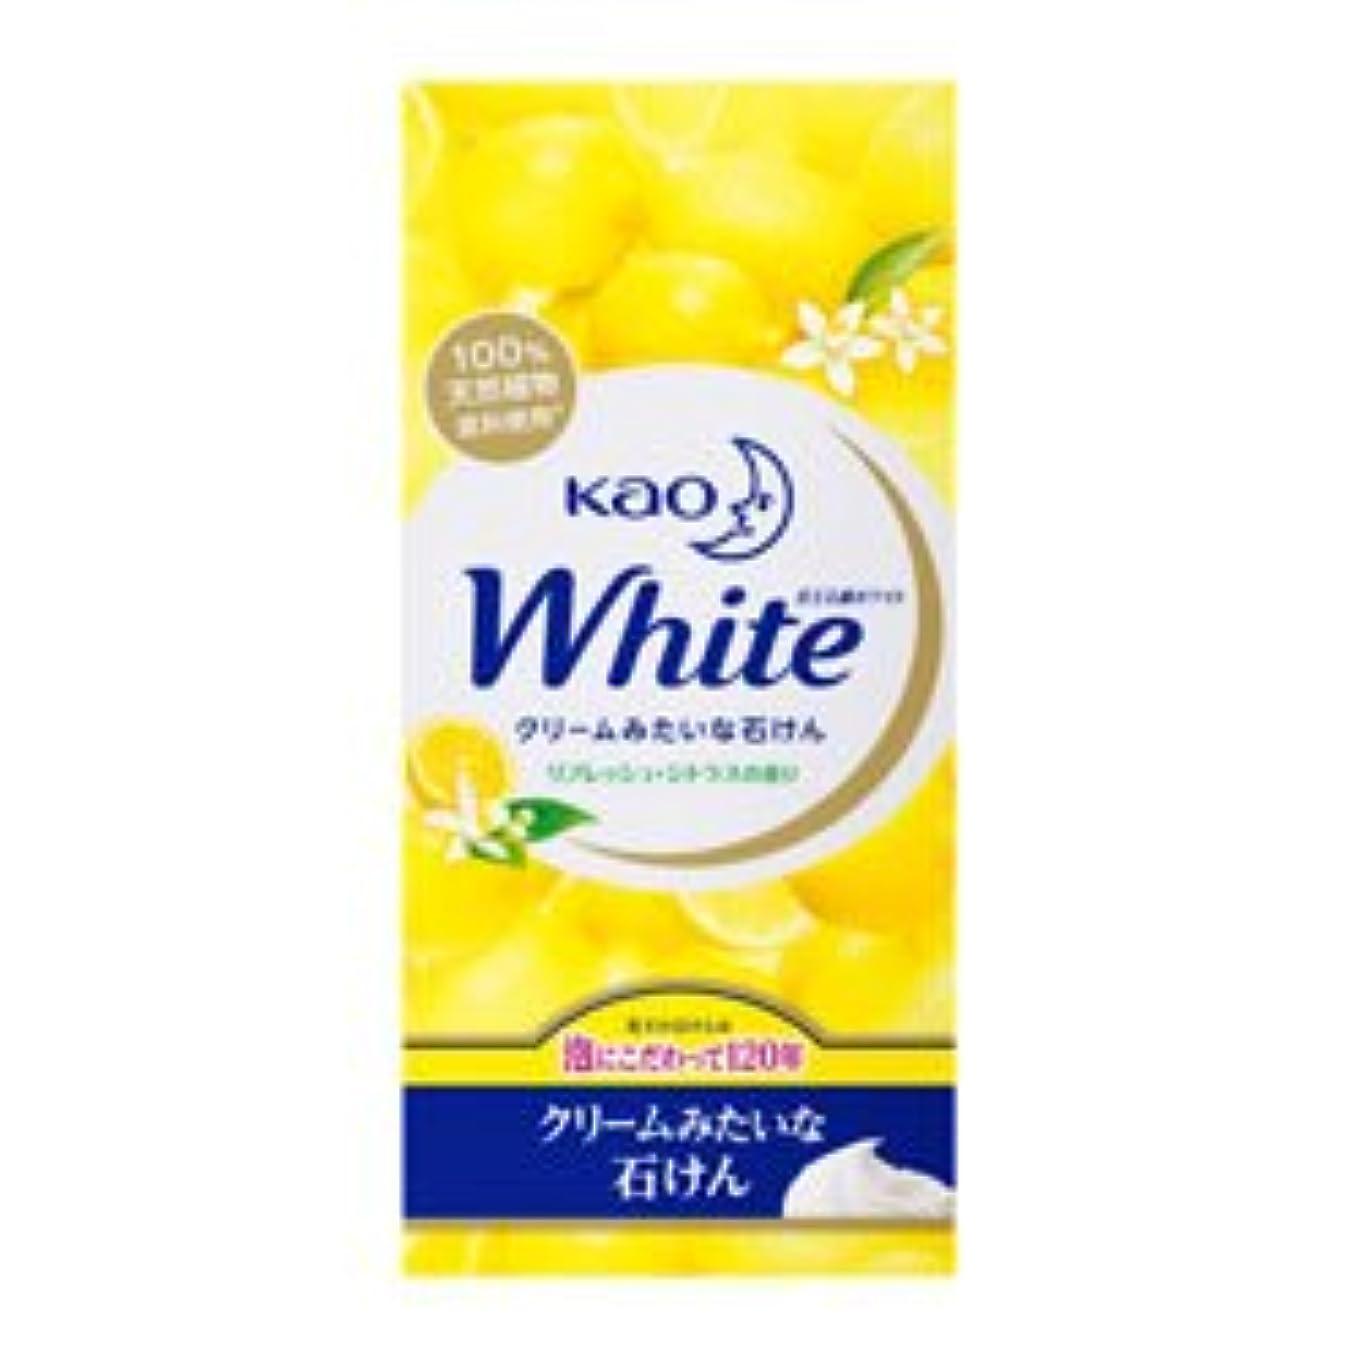 狼複製する険しい【花王】ホワイト リフレッシュ・シトラスの香り レギュラーサイズ 85g×6個入 ×20個セット